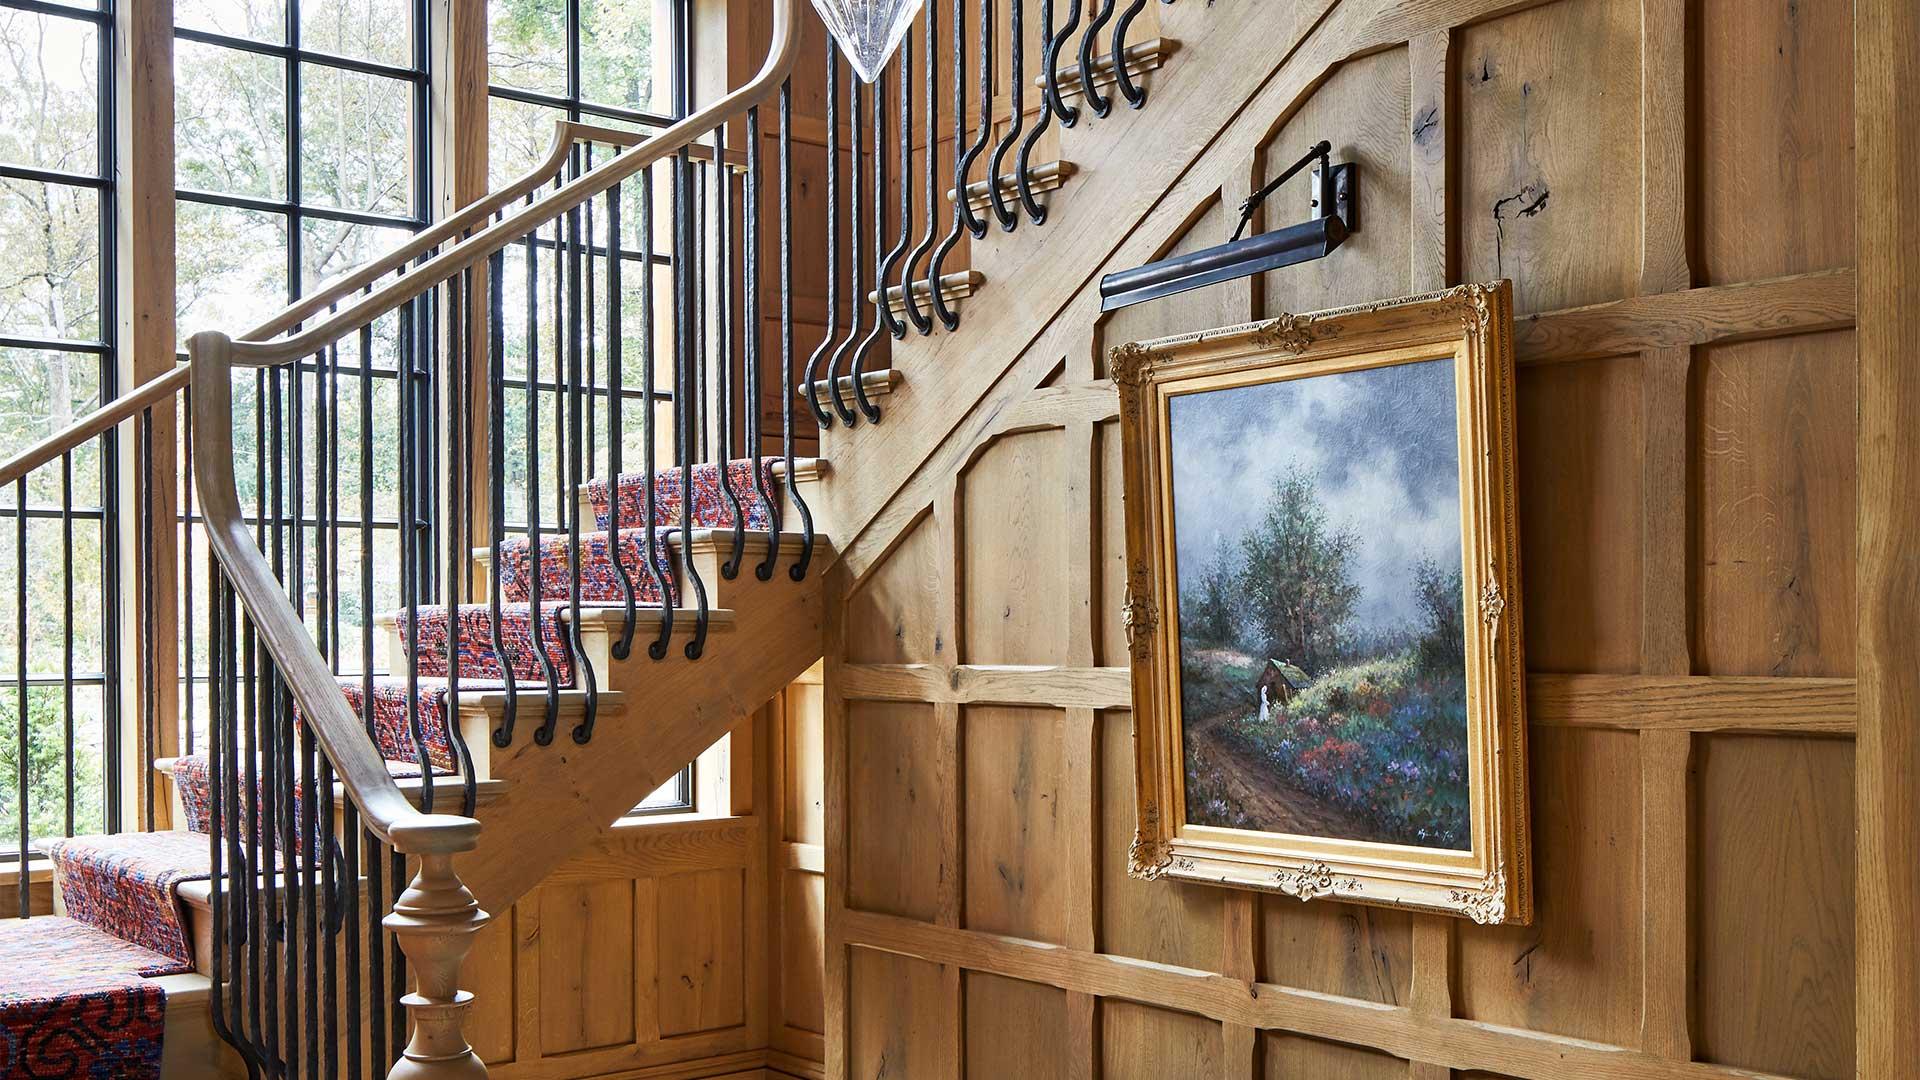 Hitt Virginia Residence 16